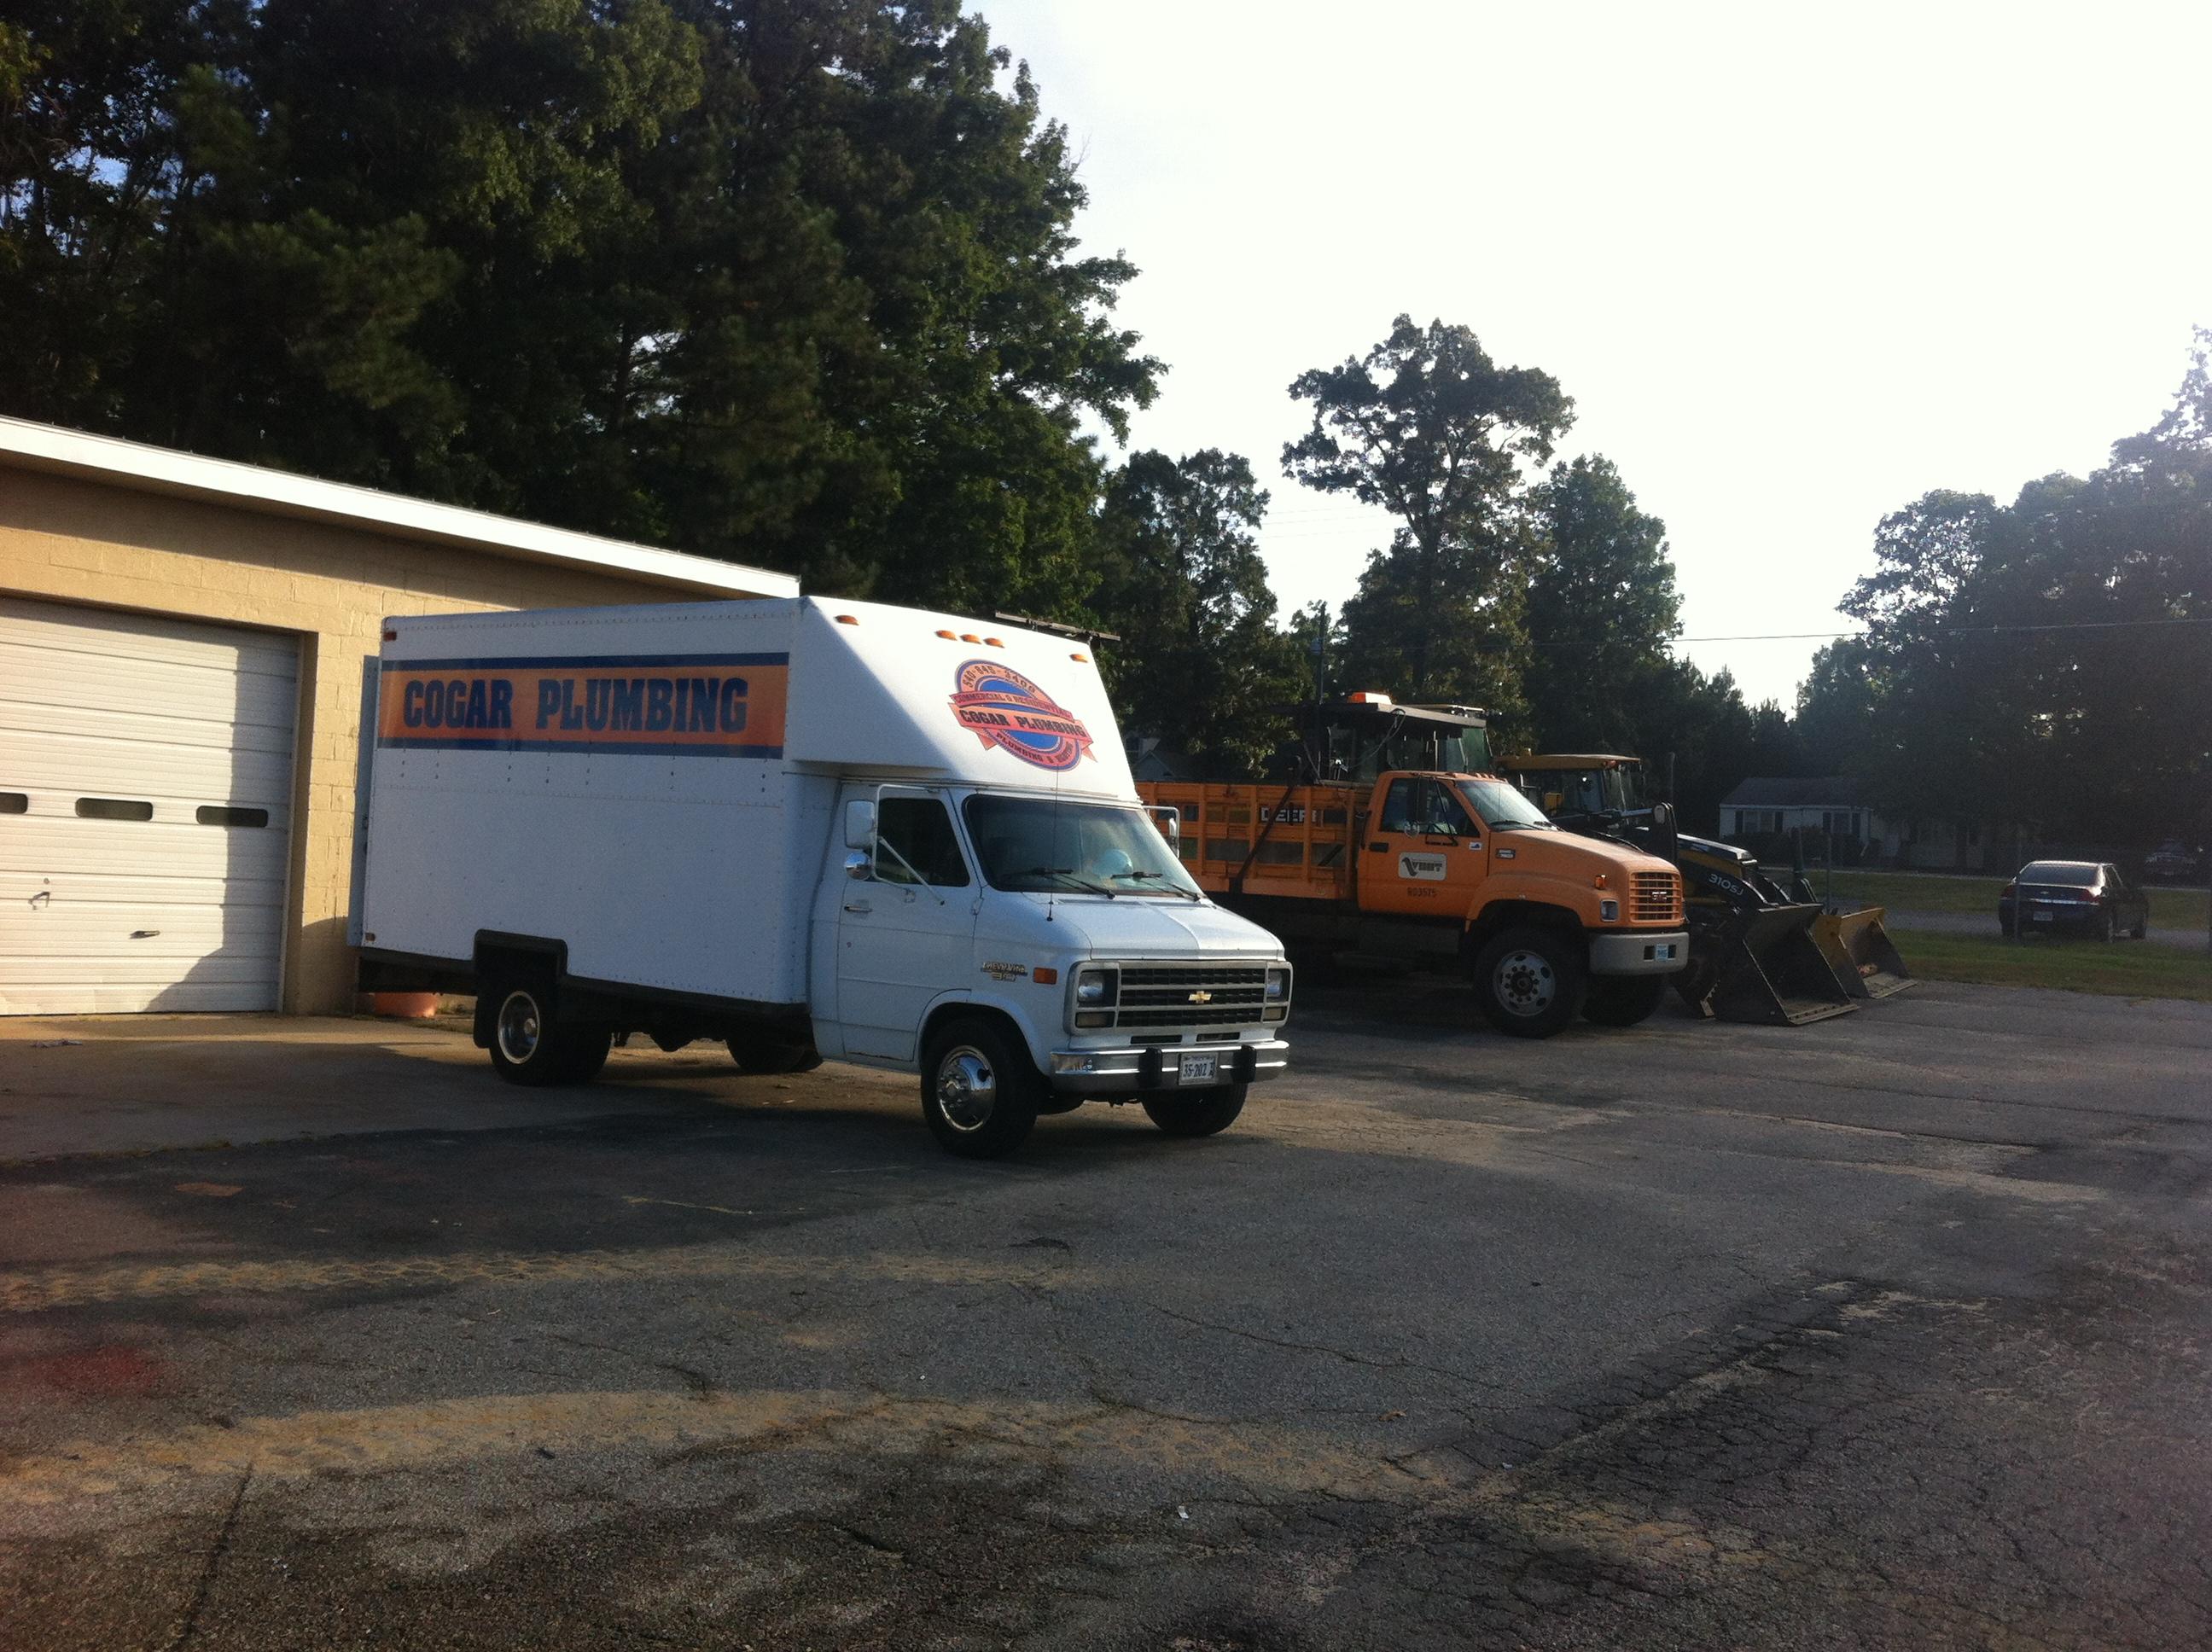 Trucks outside of garage